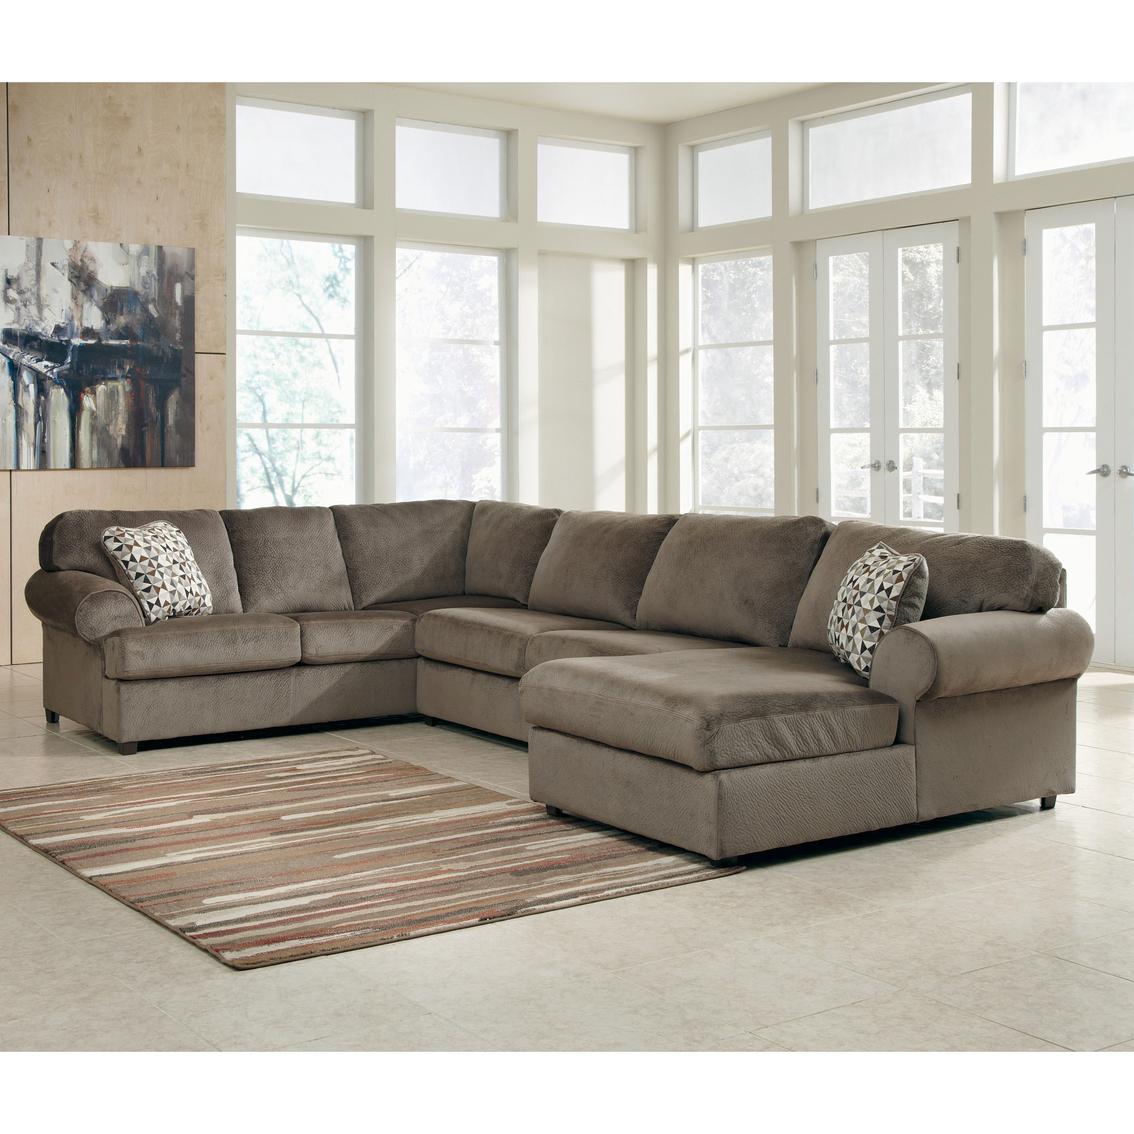 Fine Signature Design By Ashley Jessa Place 3 Pc Sectional Sofa Spiritservingveterans Wood Chair Design Ideas Spiritservingveteransorg